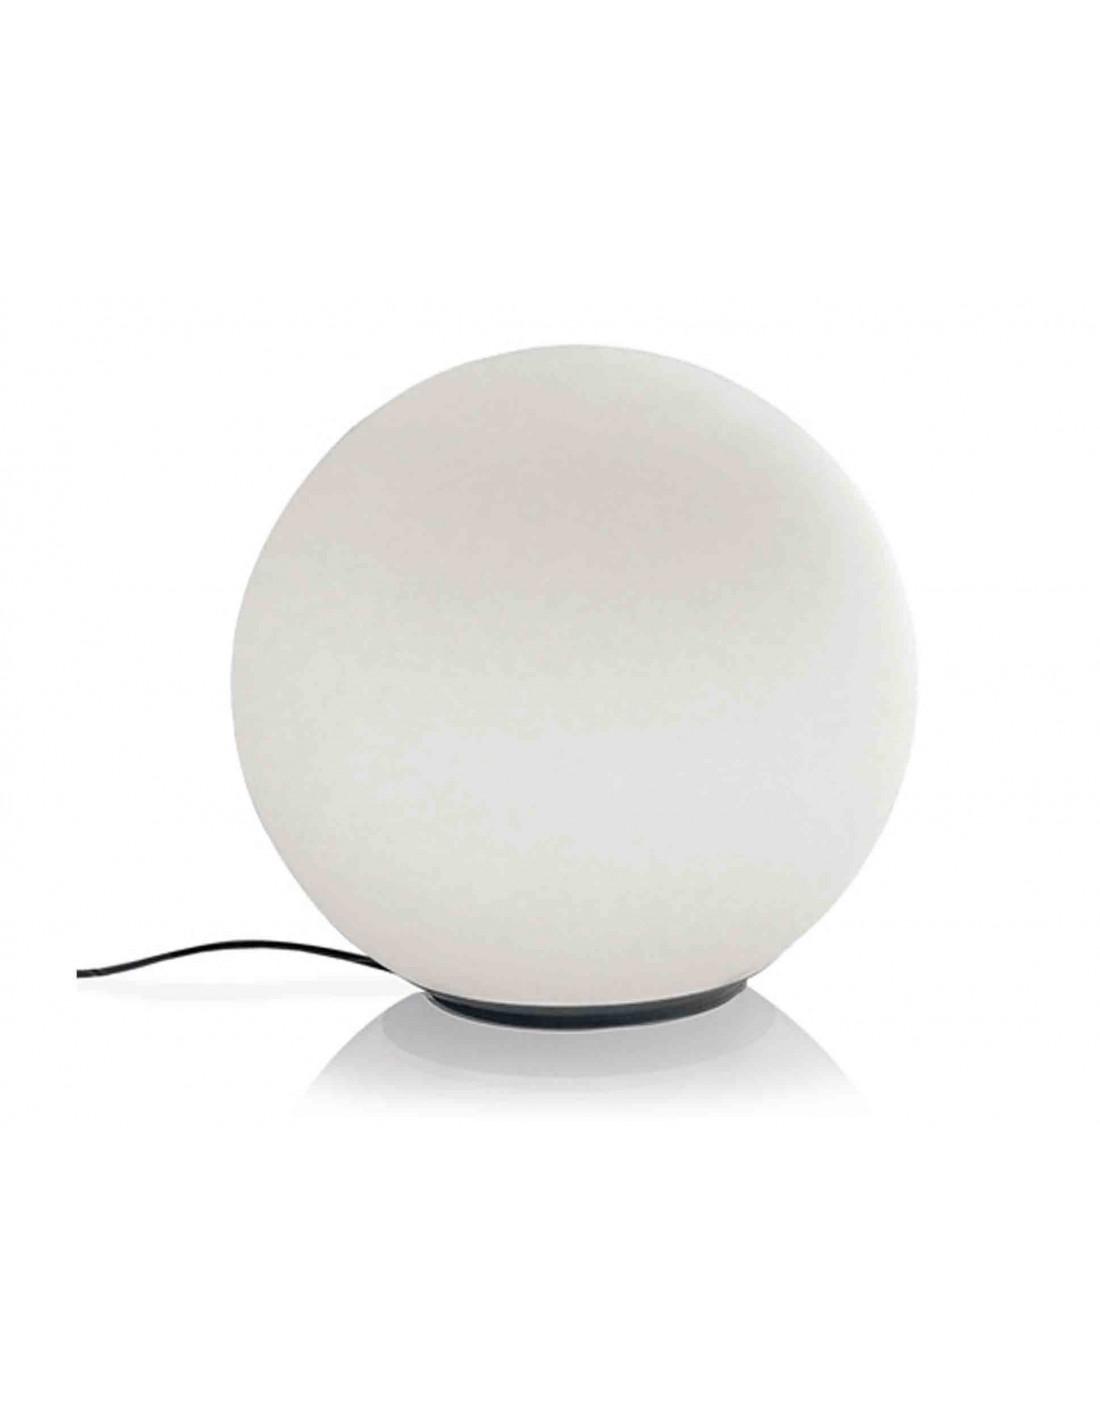 dioscuri 42 table lampe à poser plan mise en scène éclairage Artemide